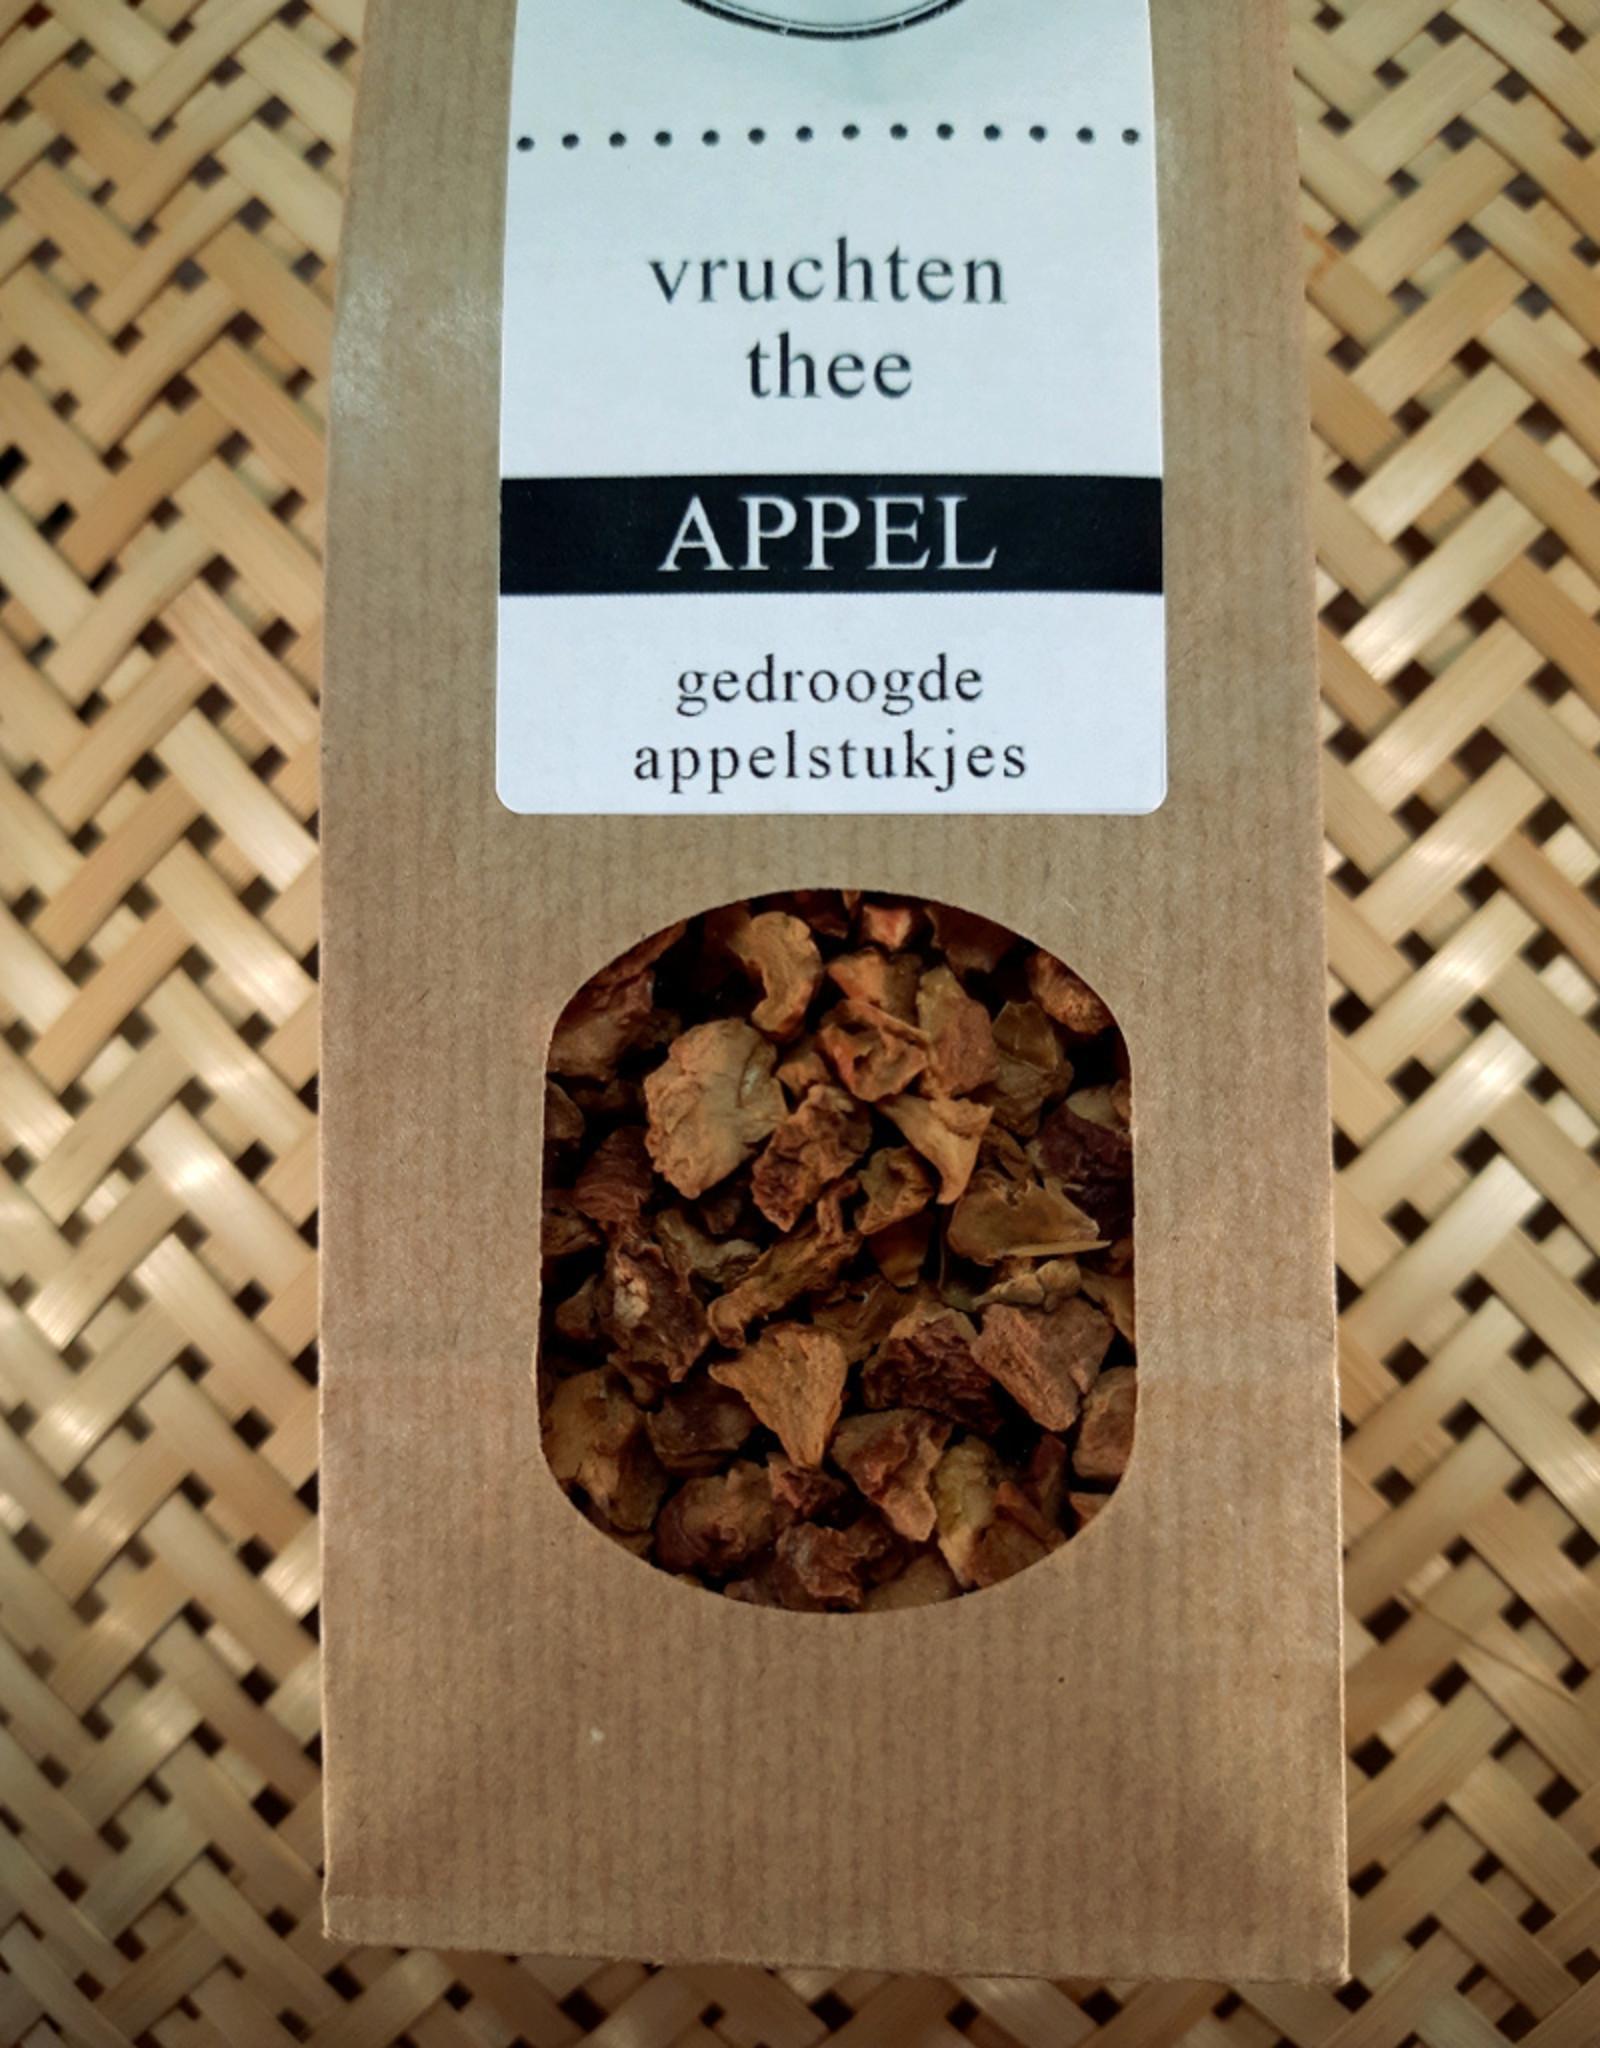 Bruur Appel stukjes voor vruchten thee